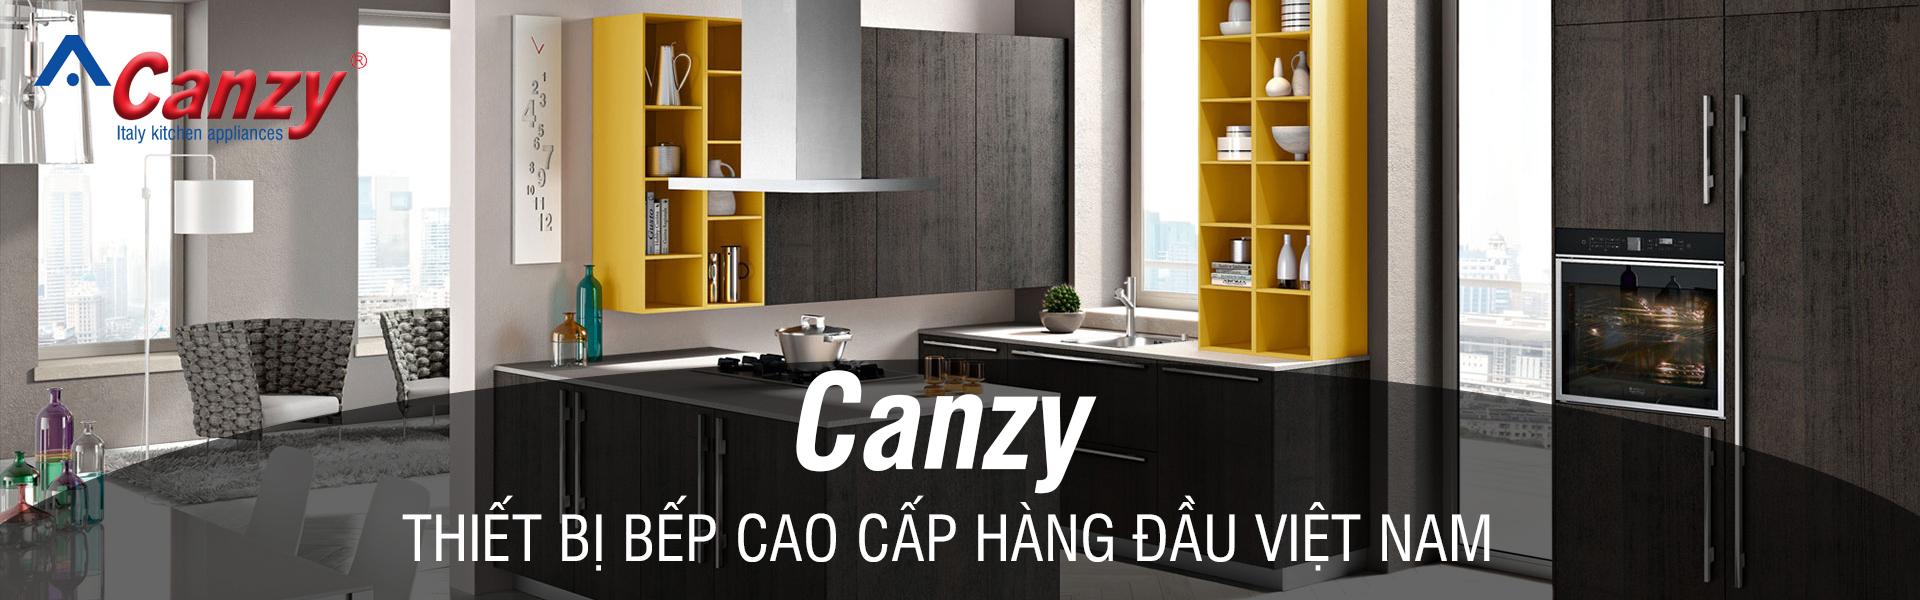 Lò vi sóng Canzy